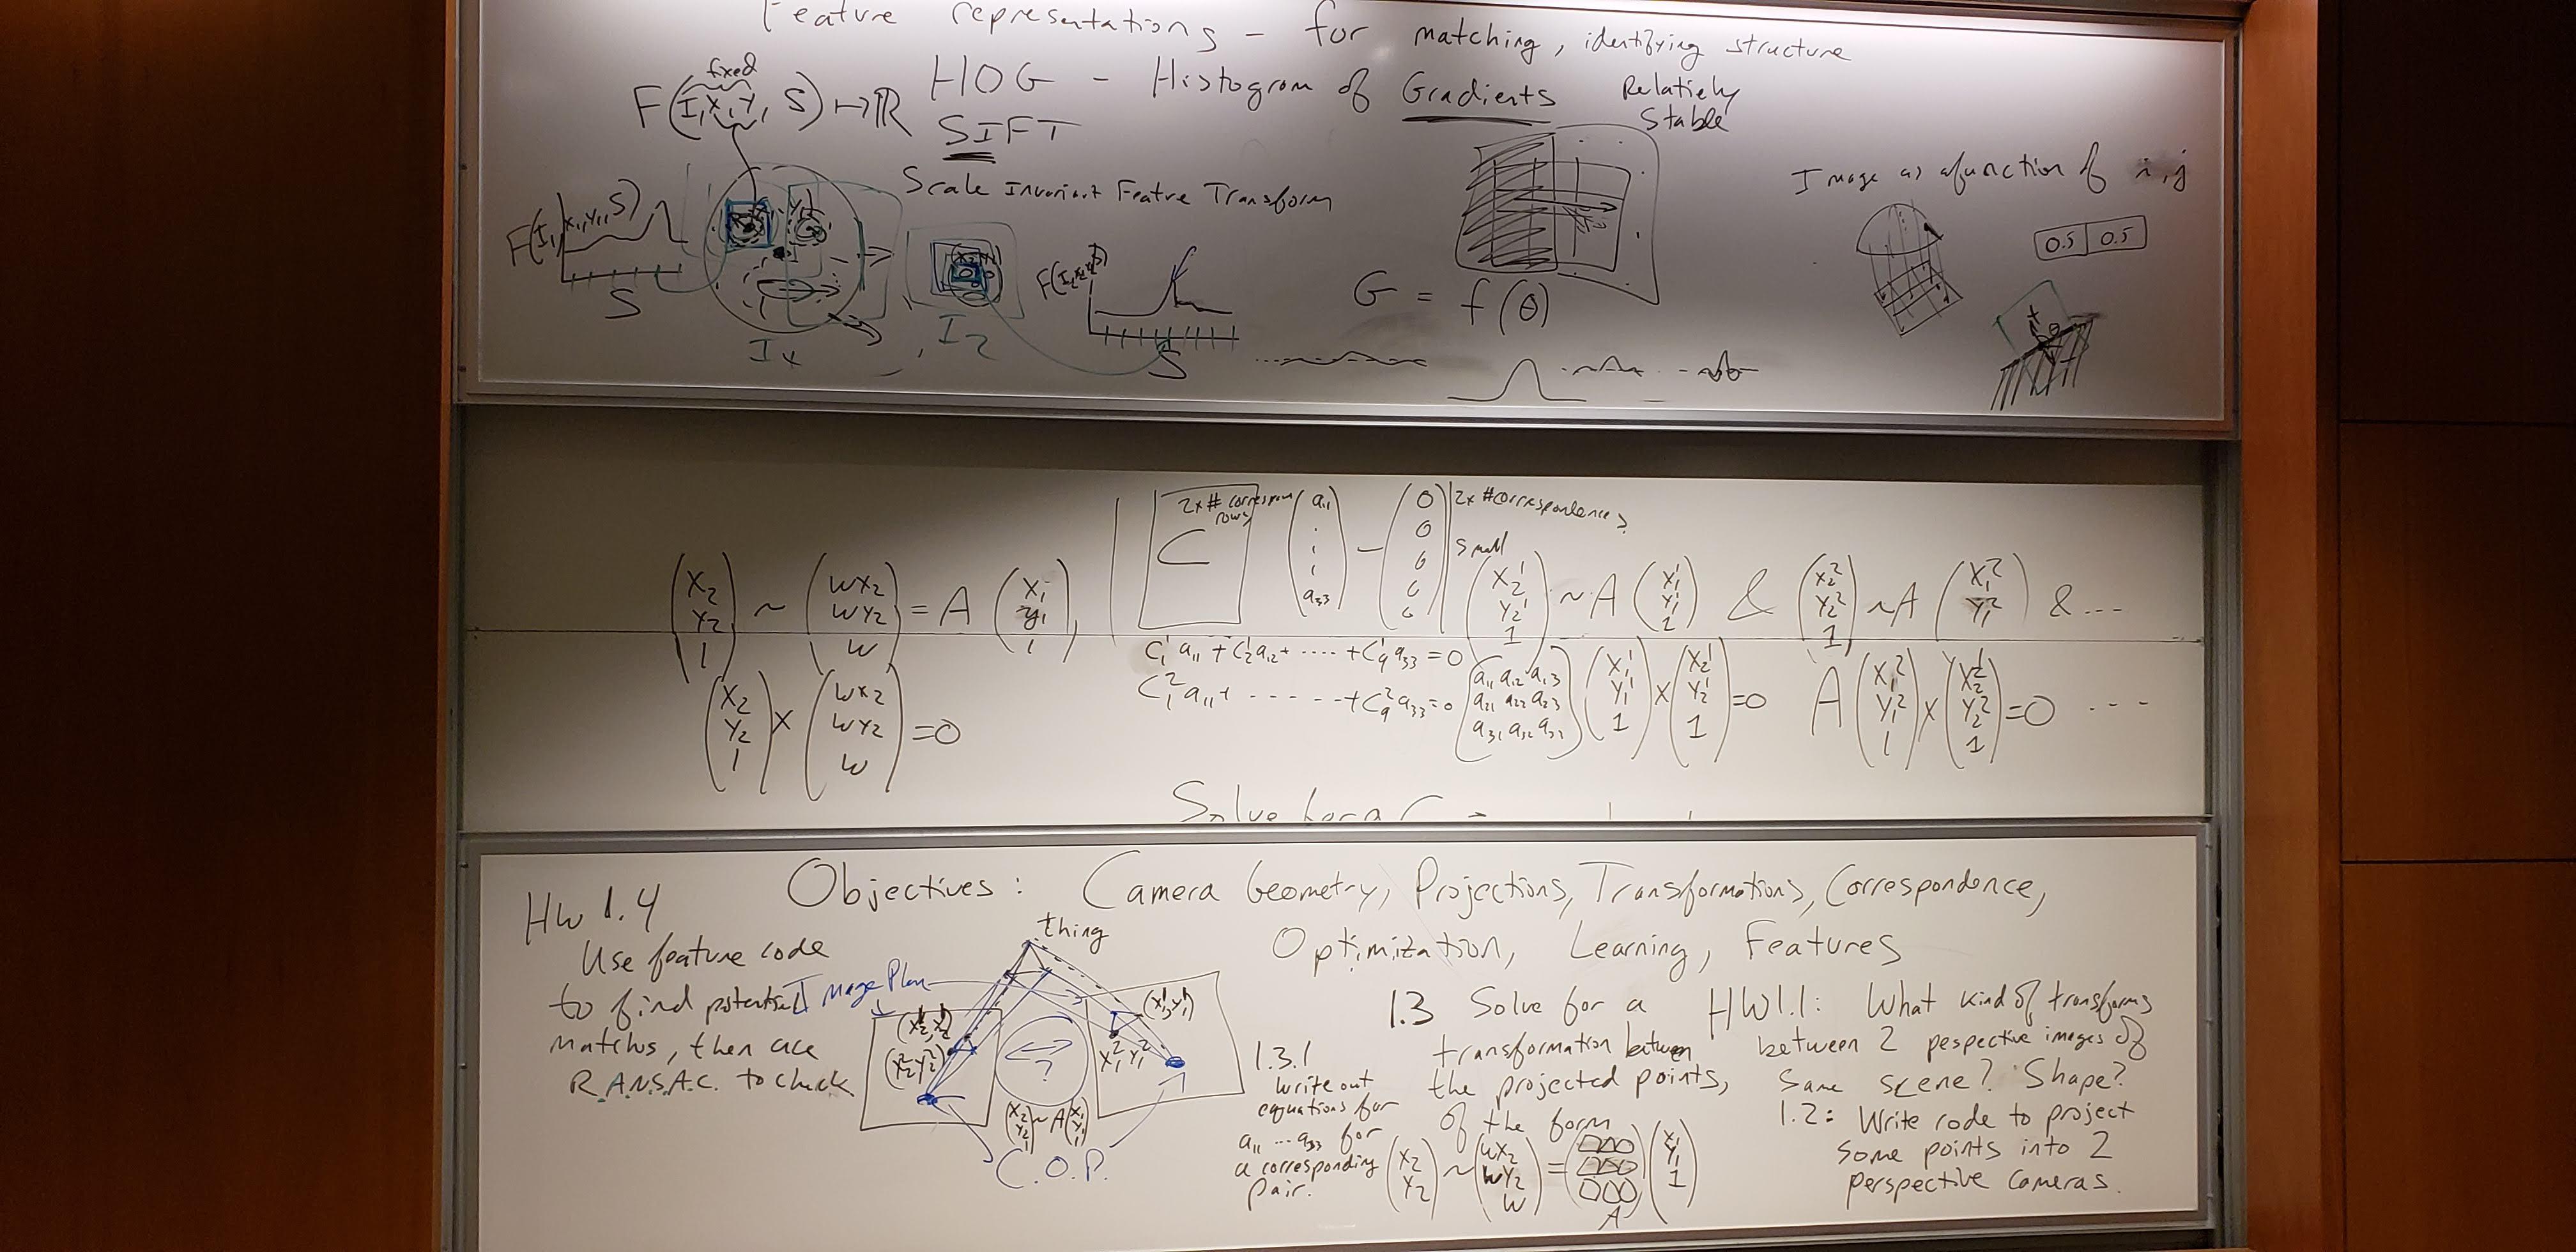 Alex Berg Computer Vision UNC Chapel Hill